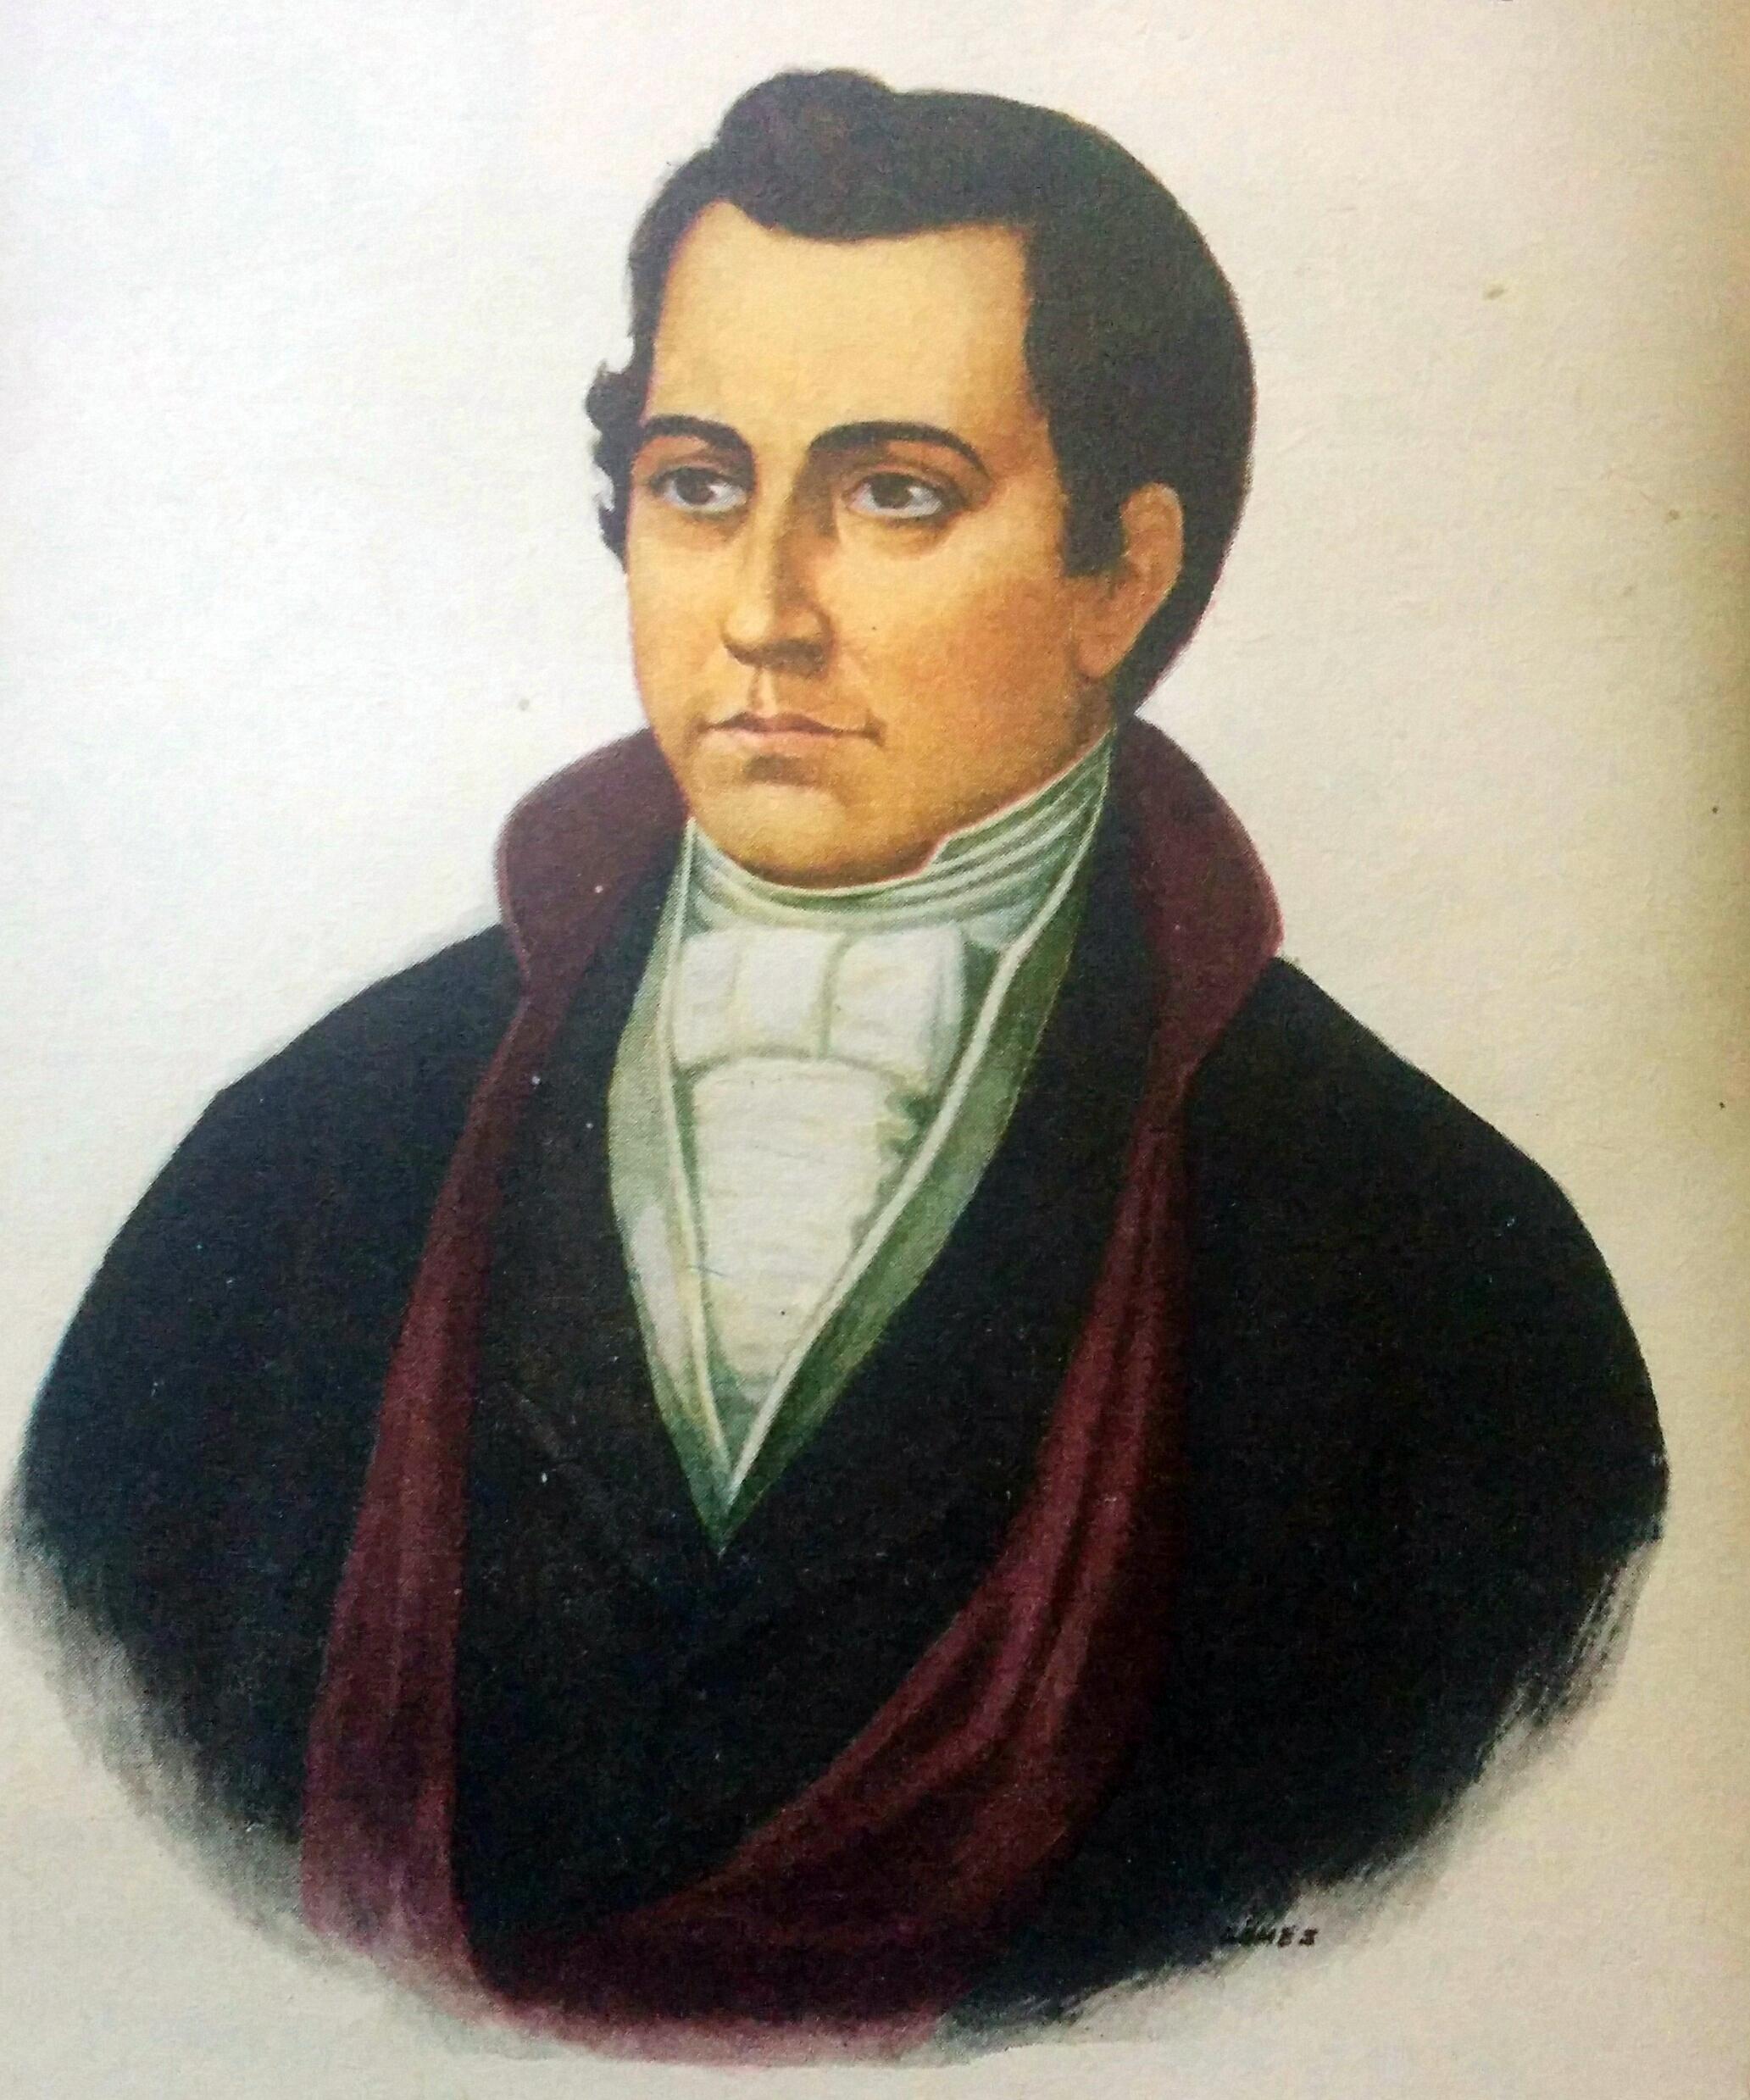 """El Dr. Mariano Moreno (1778-1811), fundador y director del periódico """"La Gaceta de Buenos Aires"""", el 7 de junio de 1810."""